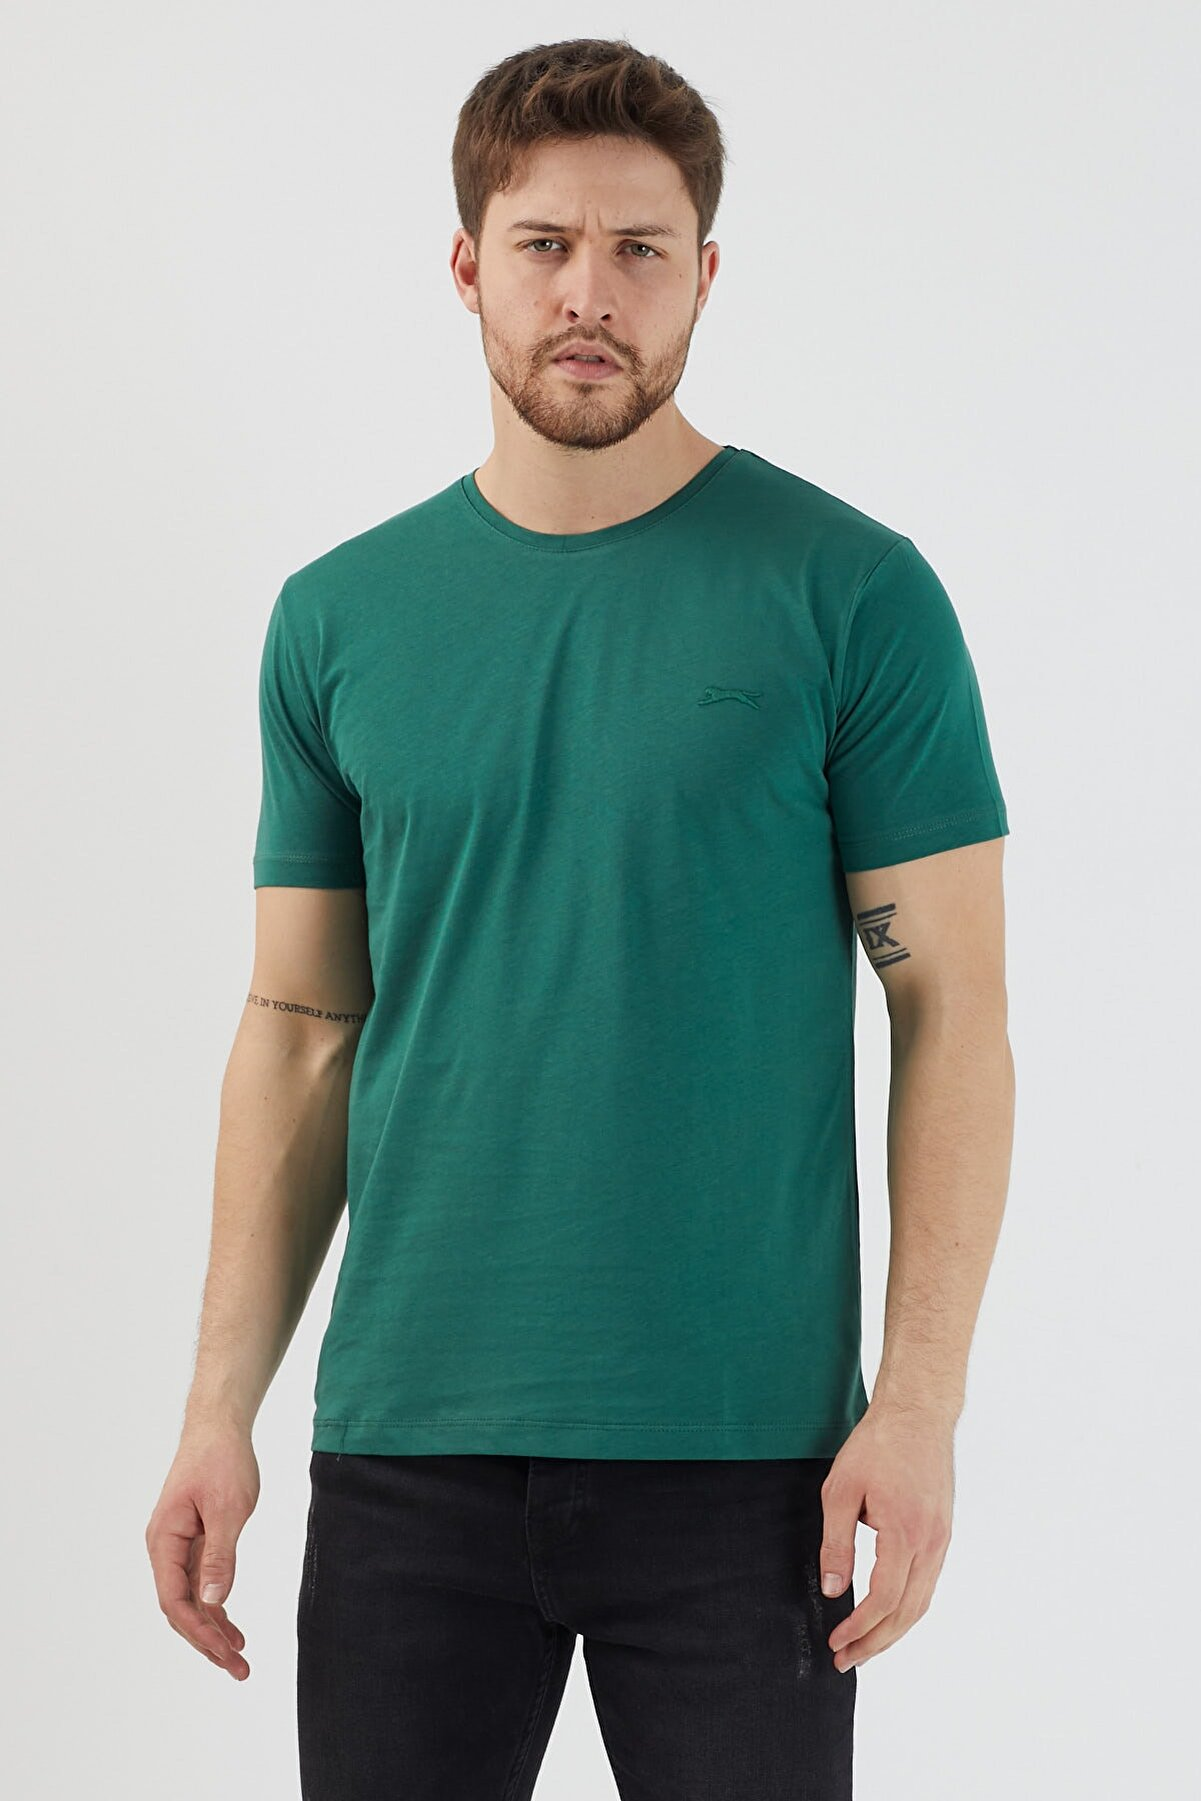 Slazenger Sander Erkek T-shirt K.yeşil St11te083